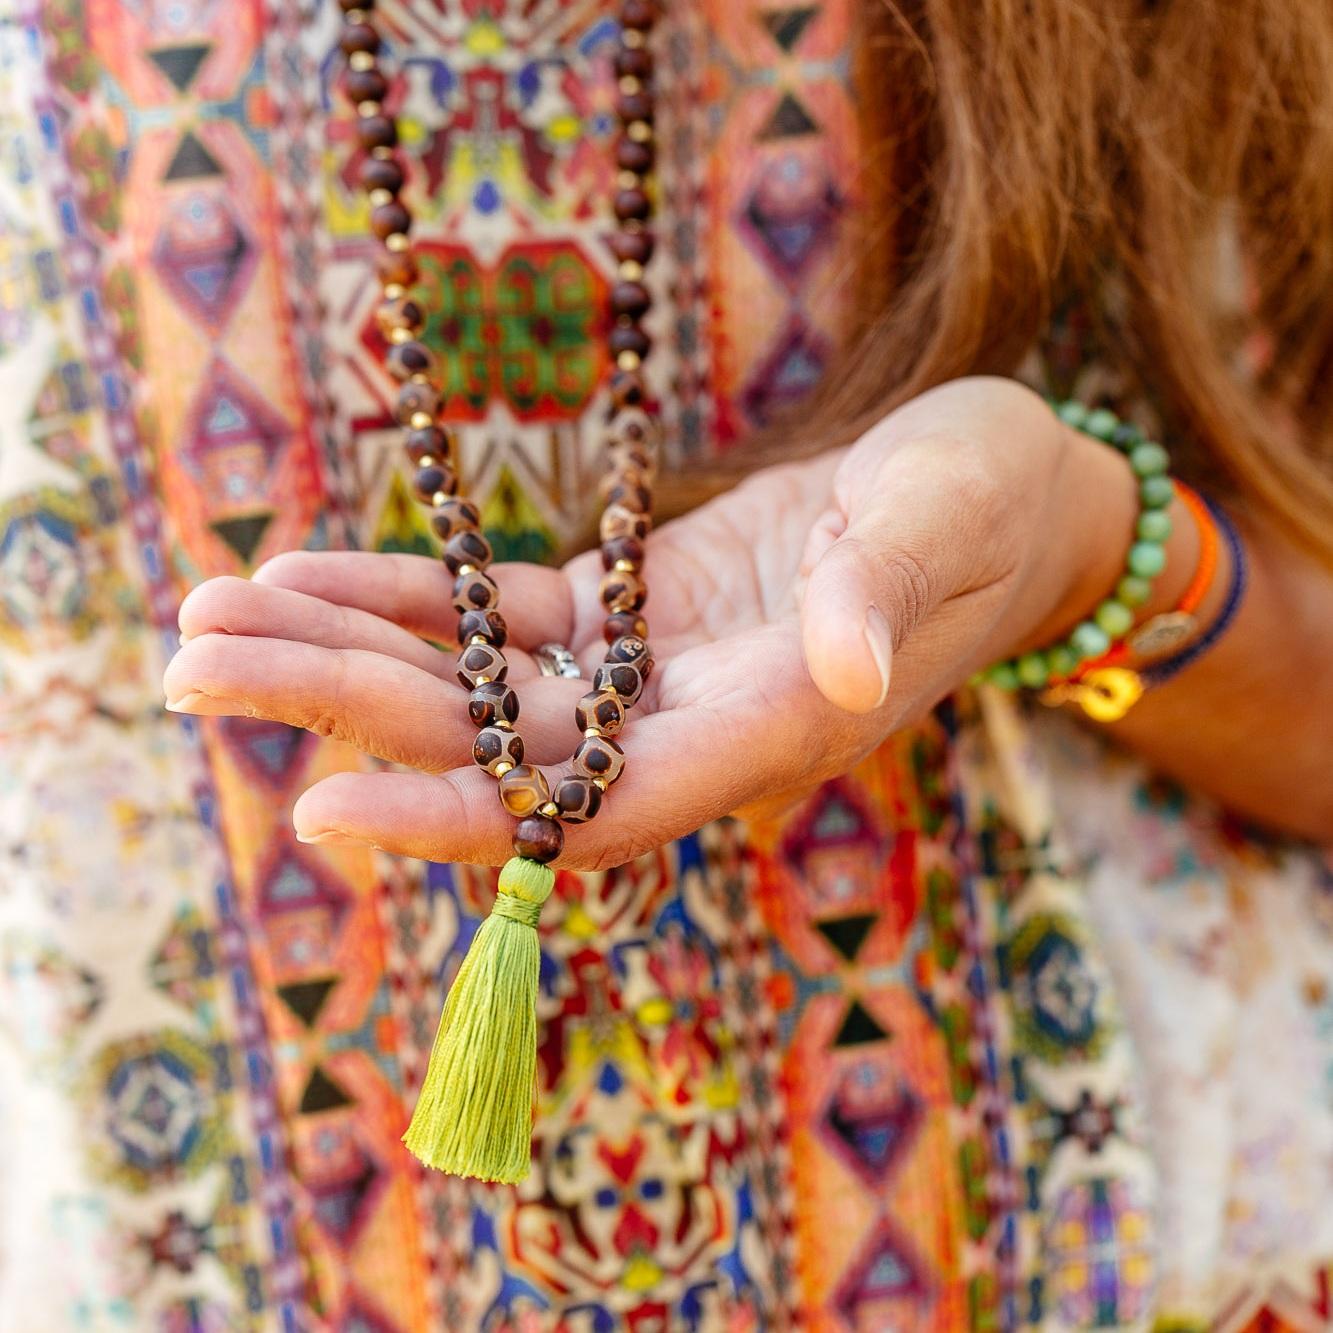 Pour notre collection de malas, nous avons choisi de mélanger le monde végétal et minéral et 108 perles pour le rituel. - Chaque mala est monté avec des pierres